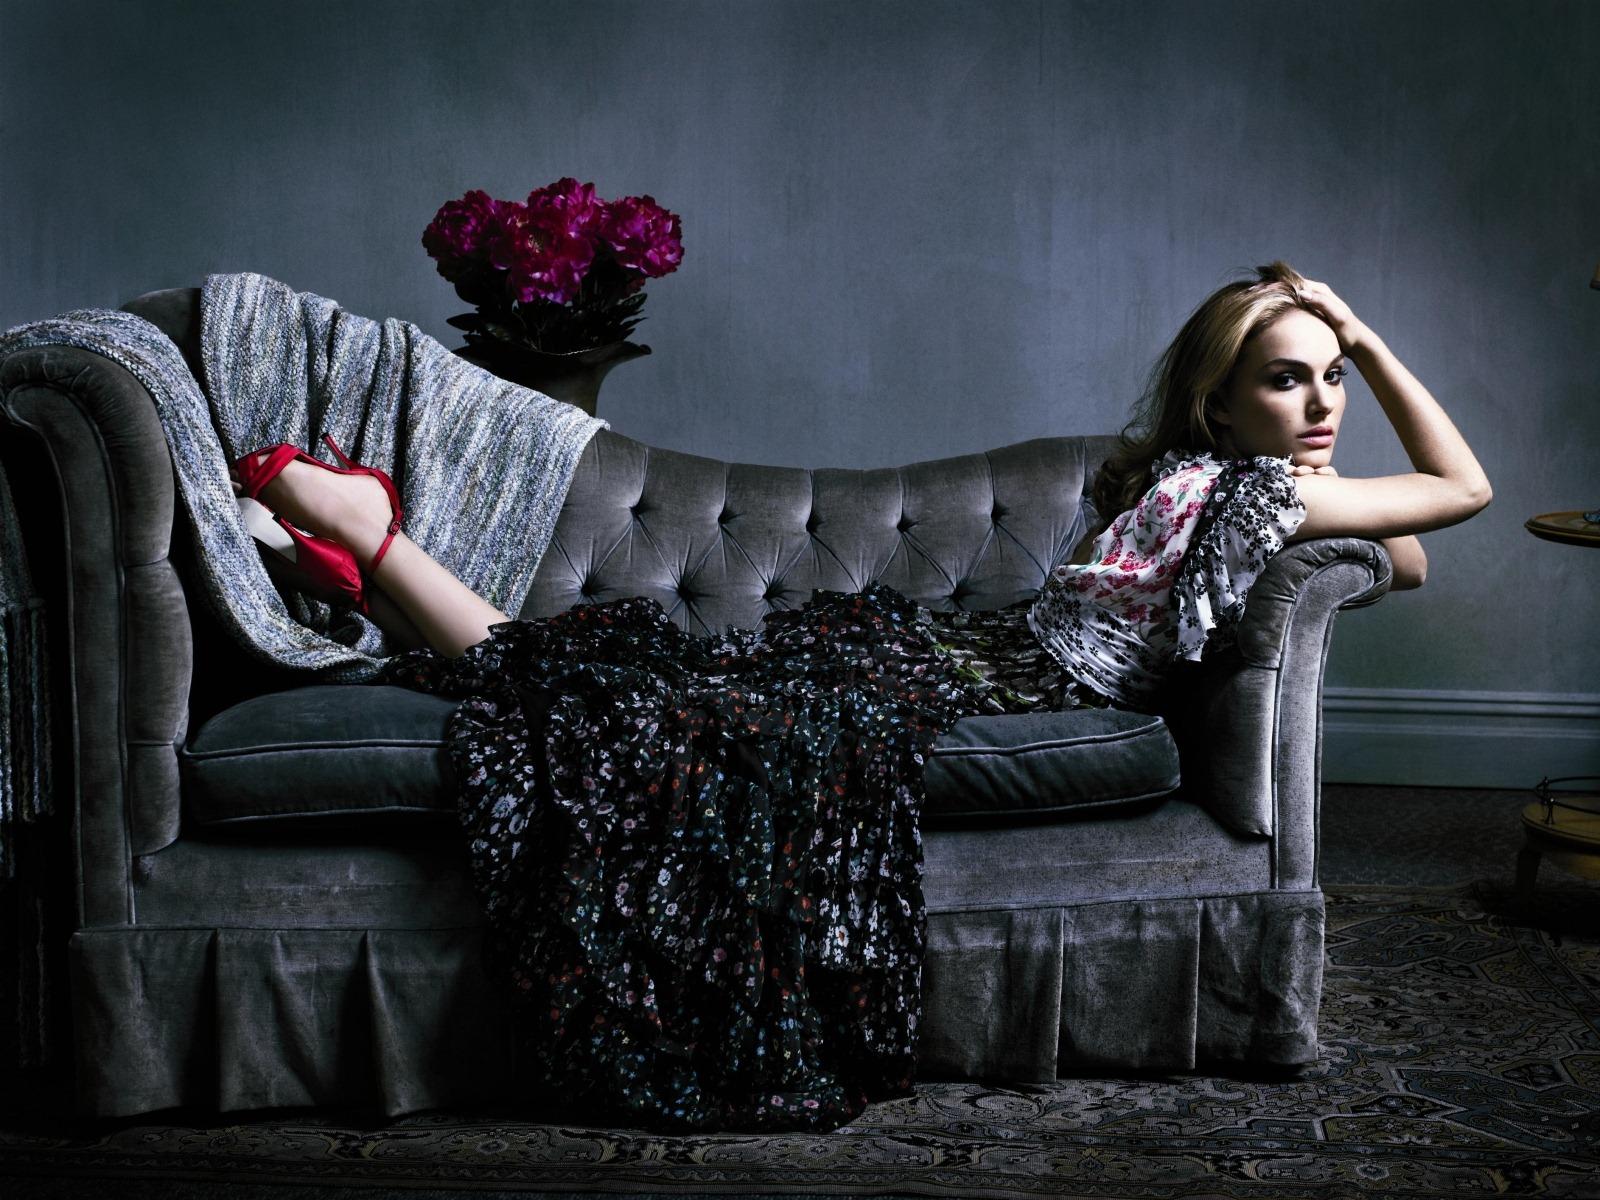 Natalie Portman Hot Wallpapers